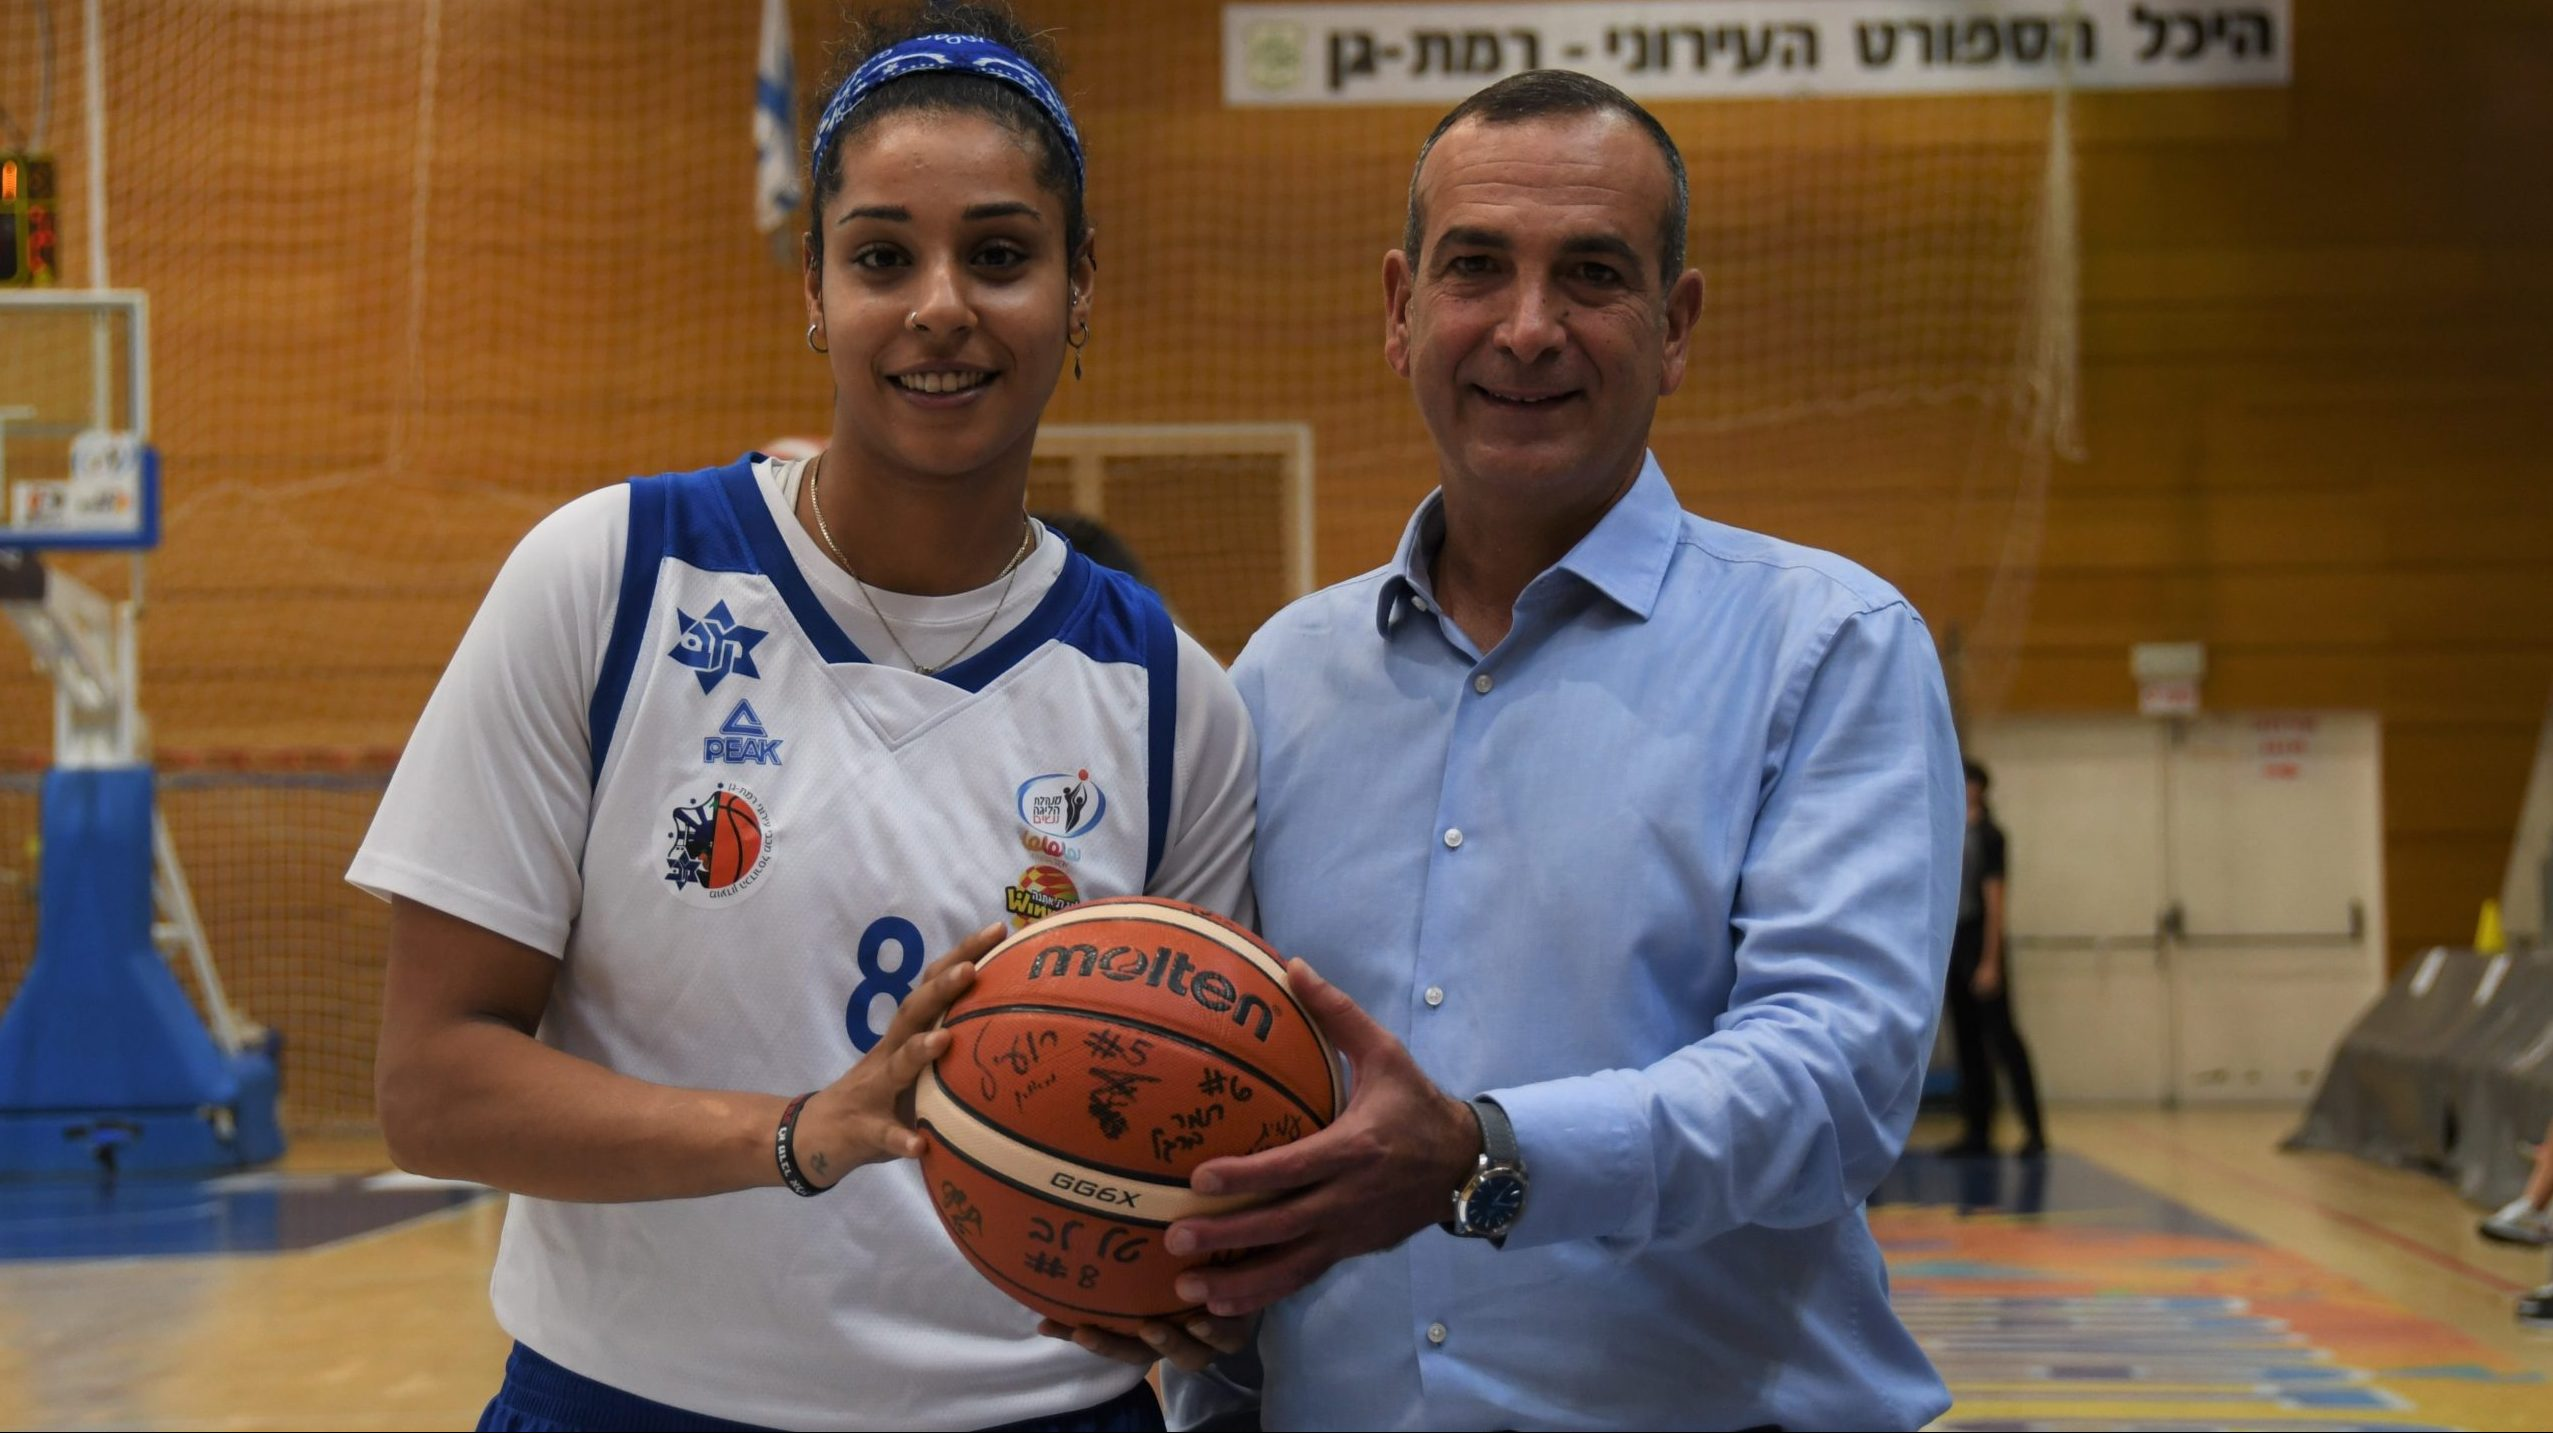 ברוקר הביטוח הדיגיטלי טאץ' יעניק חסות לקבוצת הנשים בכדורסל מכבי עירוני רמת גן